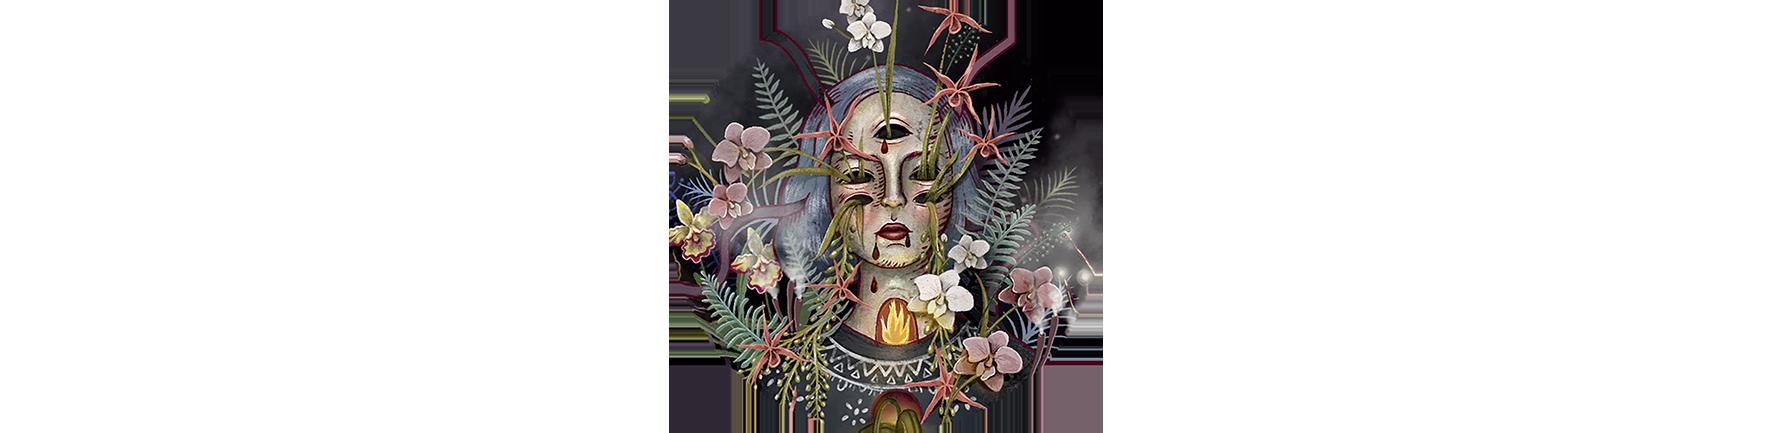 ale-de-la-torre-orchid-garden_i.png